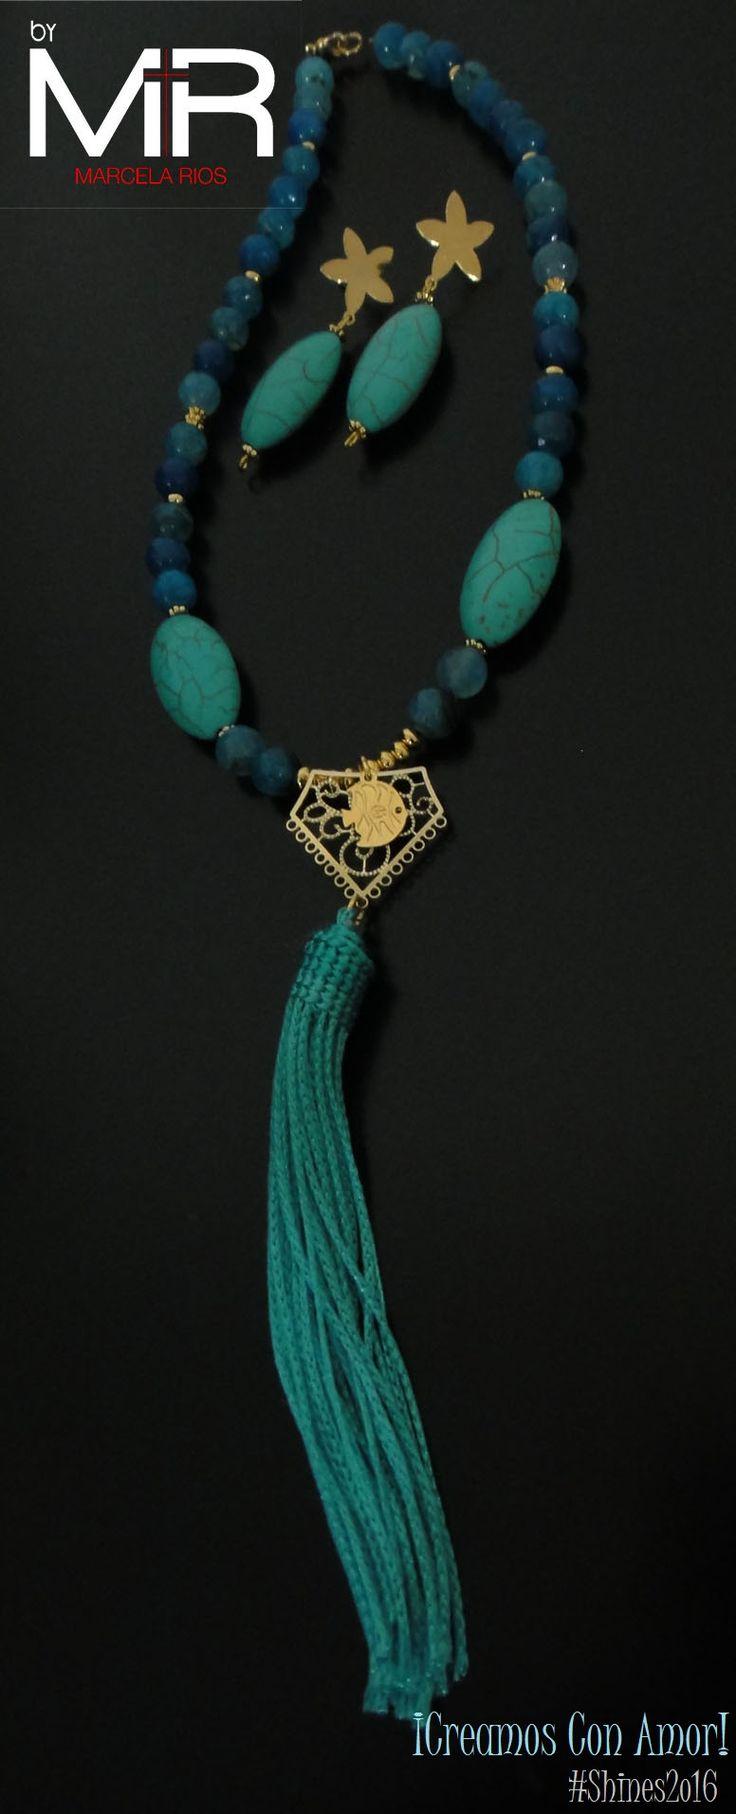 Línea: Shines2o16 Ref: VOO5 Cop:$43.ooo Descripción: Collar tipo gargantilla, hecho con ágatas color azul celeste, piedras turquesa, brooms color azul turquesa y separadores en gold-filled. (incluye aretes) ¡Te encantará!  *Sujeto a disponibilidad.